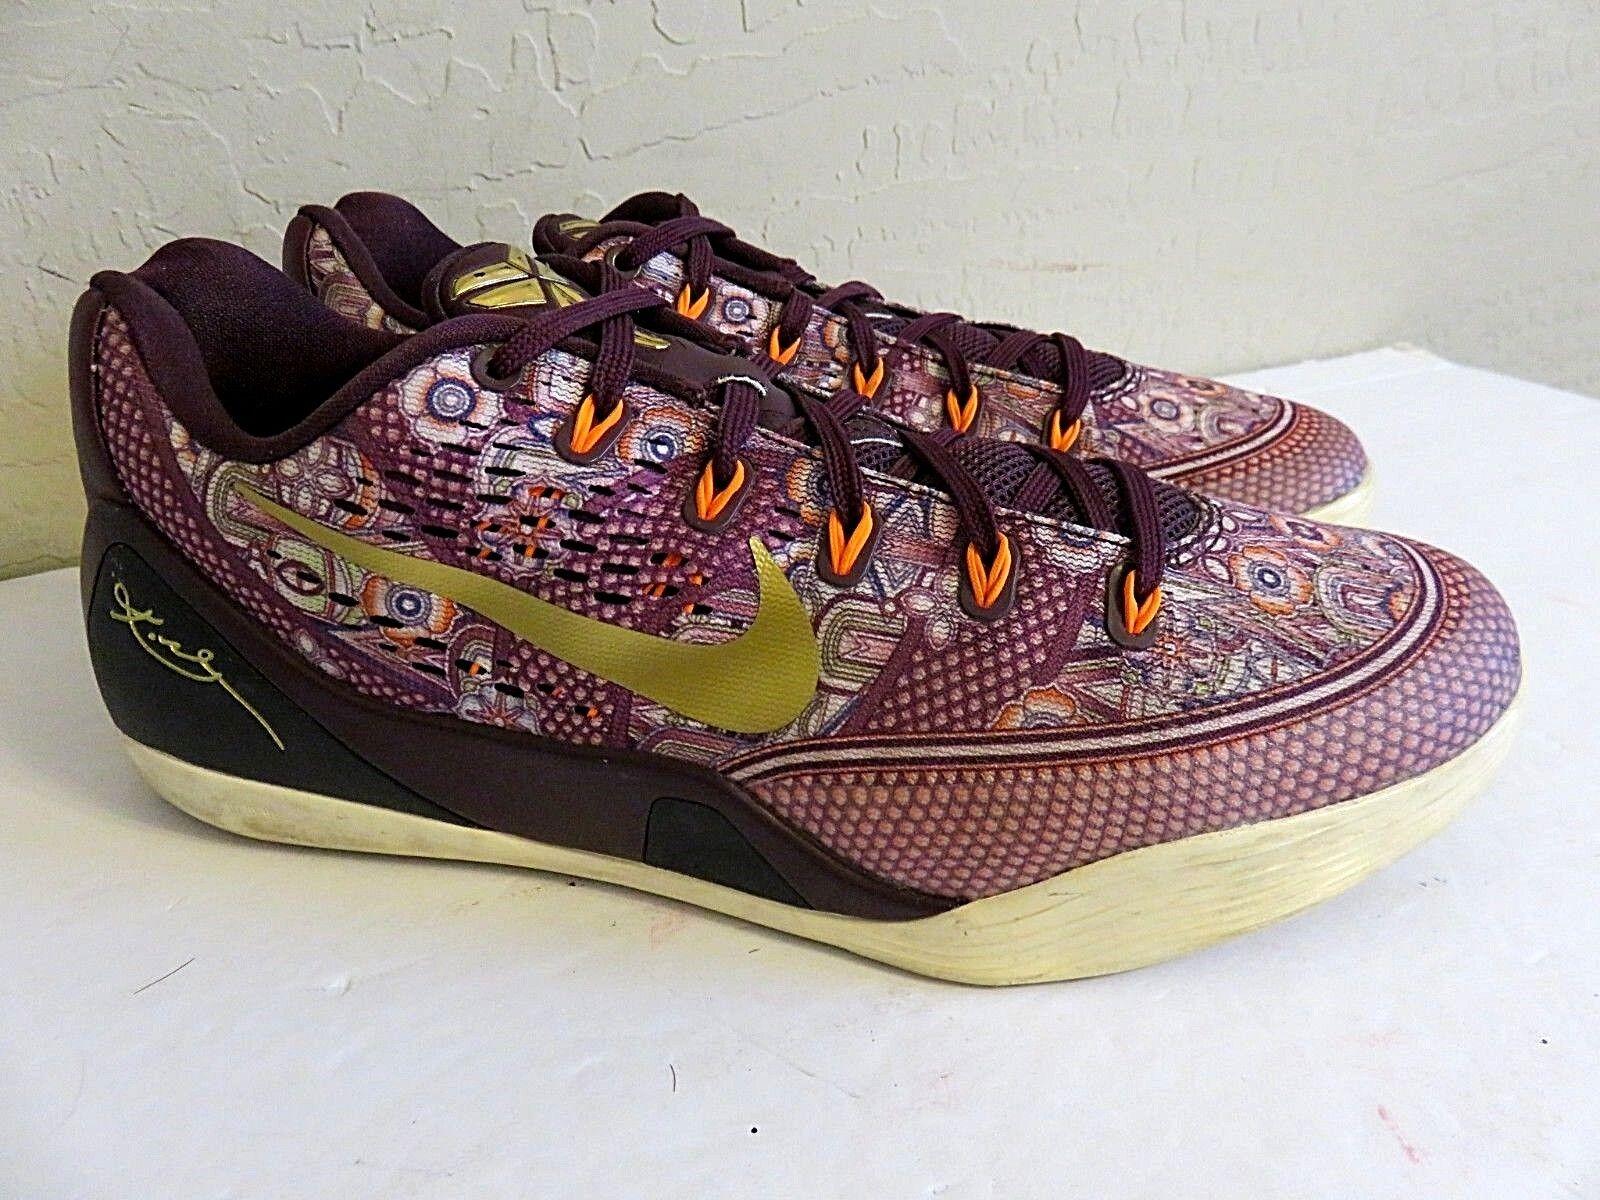 Raro Kyrie de coleccion de encaje hasta zapatillas Nike Kyrie Raro Morado Floral Hombre 9,5 db26e2